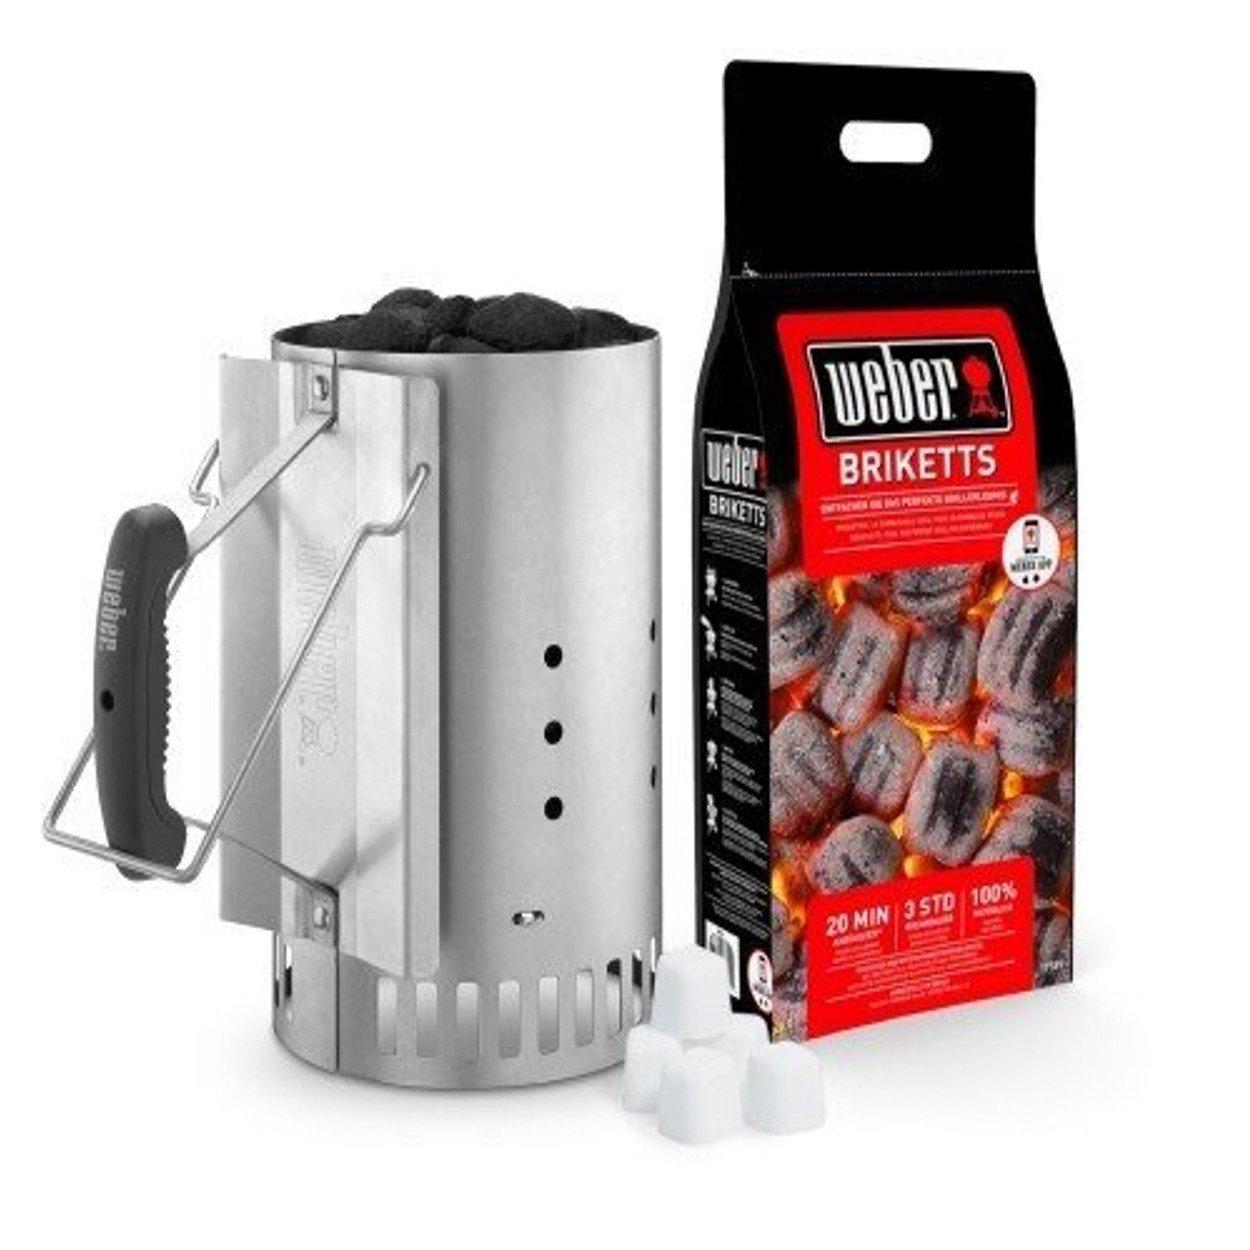 weber kit ciminiera di accensione 17631 con 2 kg di bricchette e 3 accendi fuoco 0077924041068